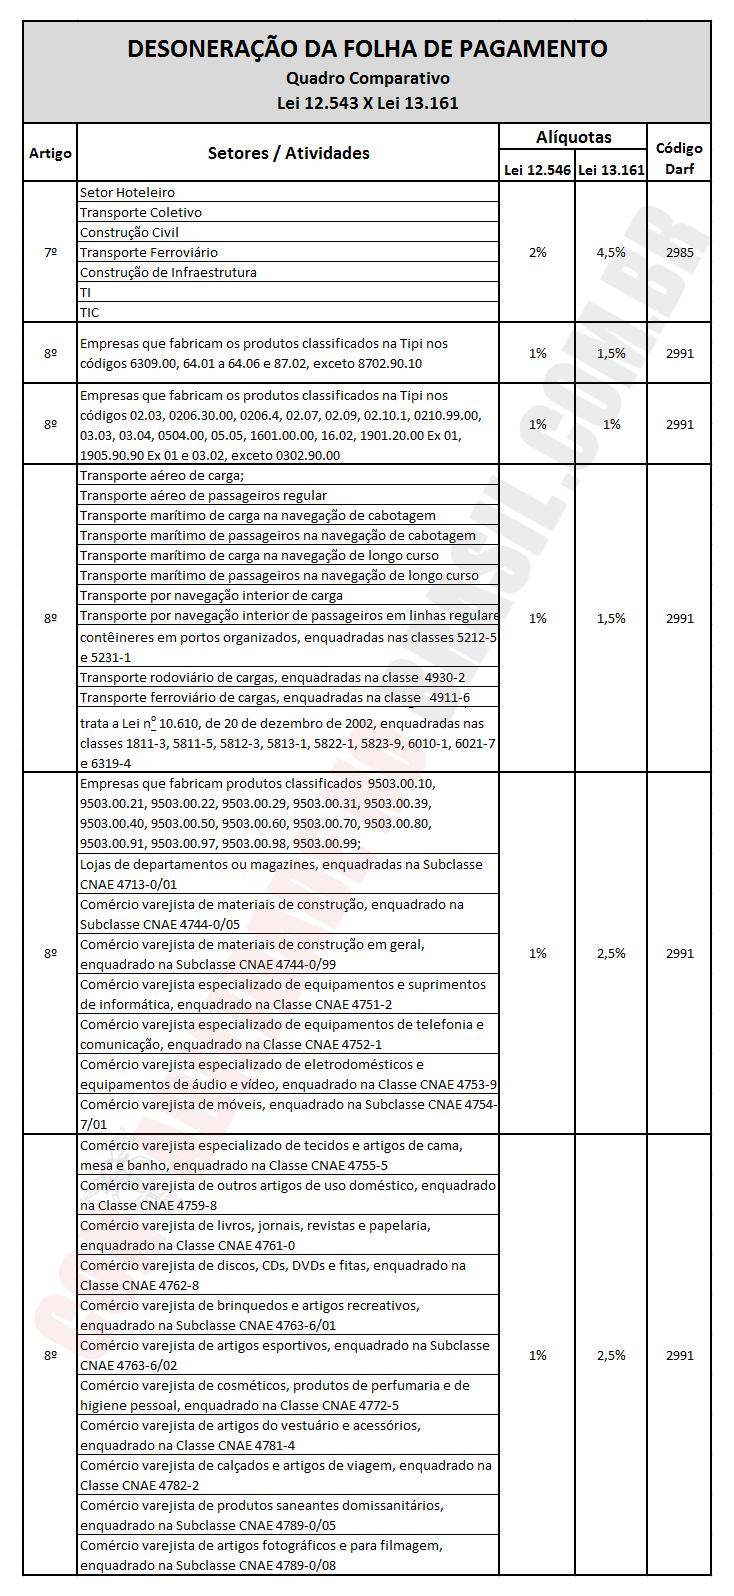 Desoneração folha de pagamento lei 13.161